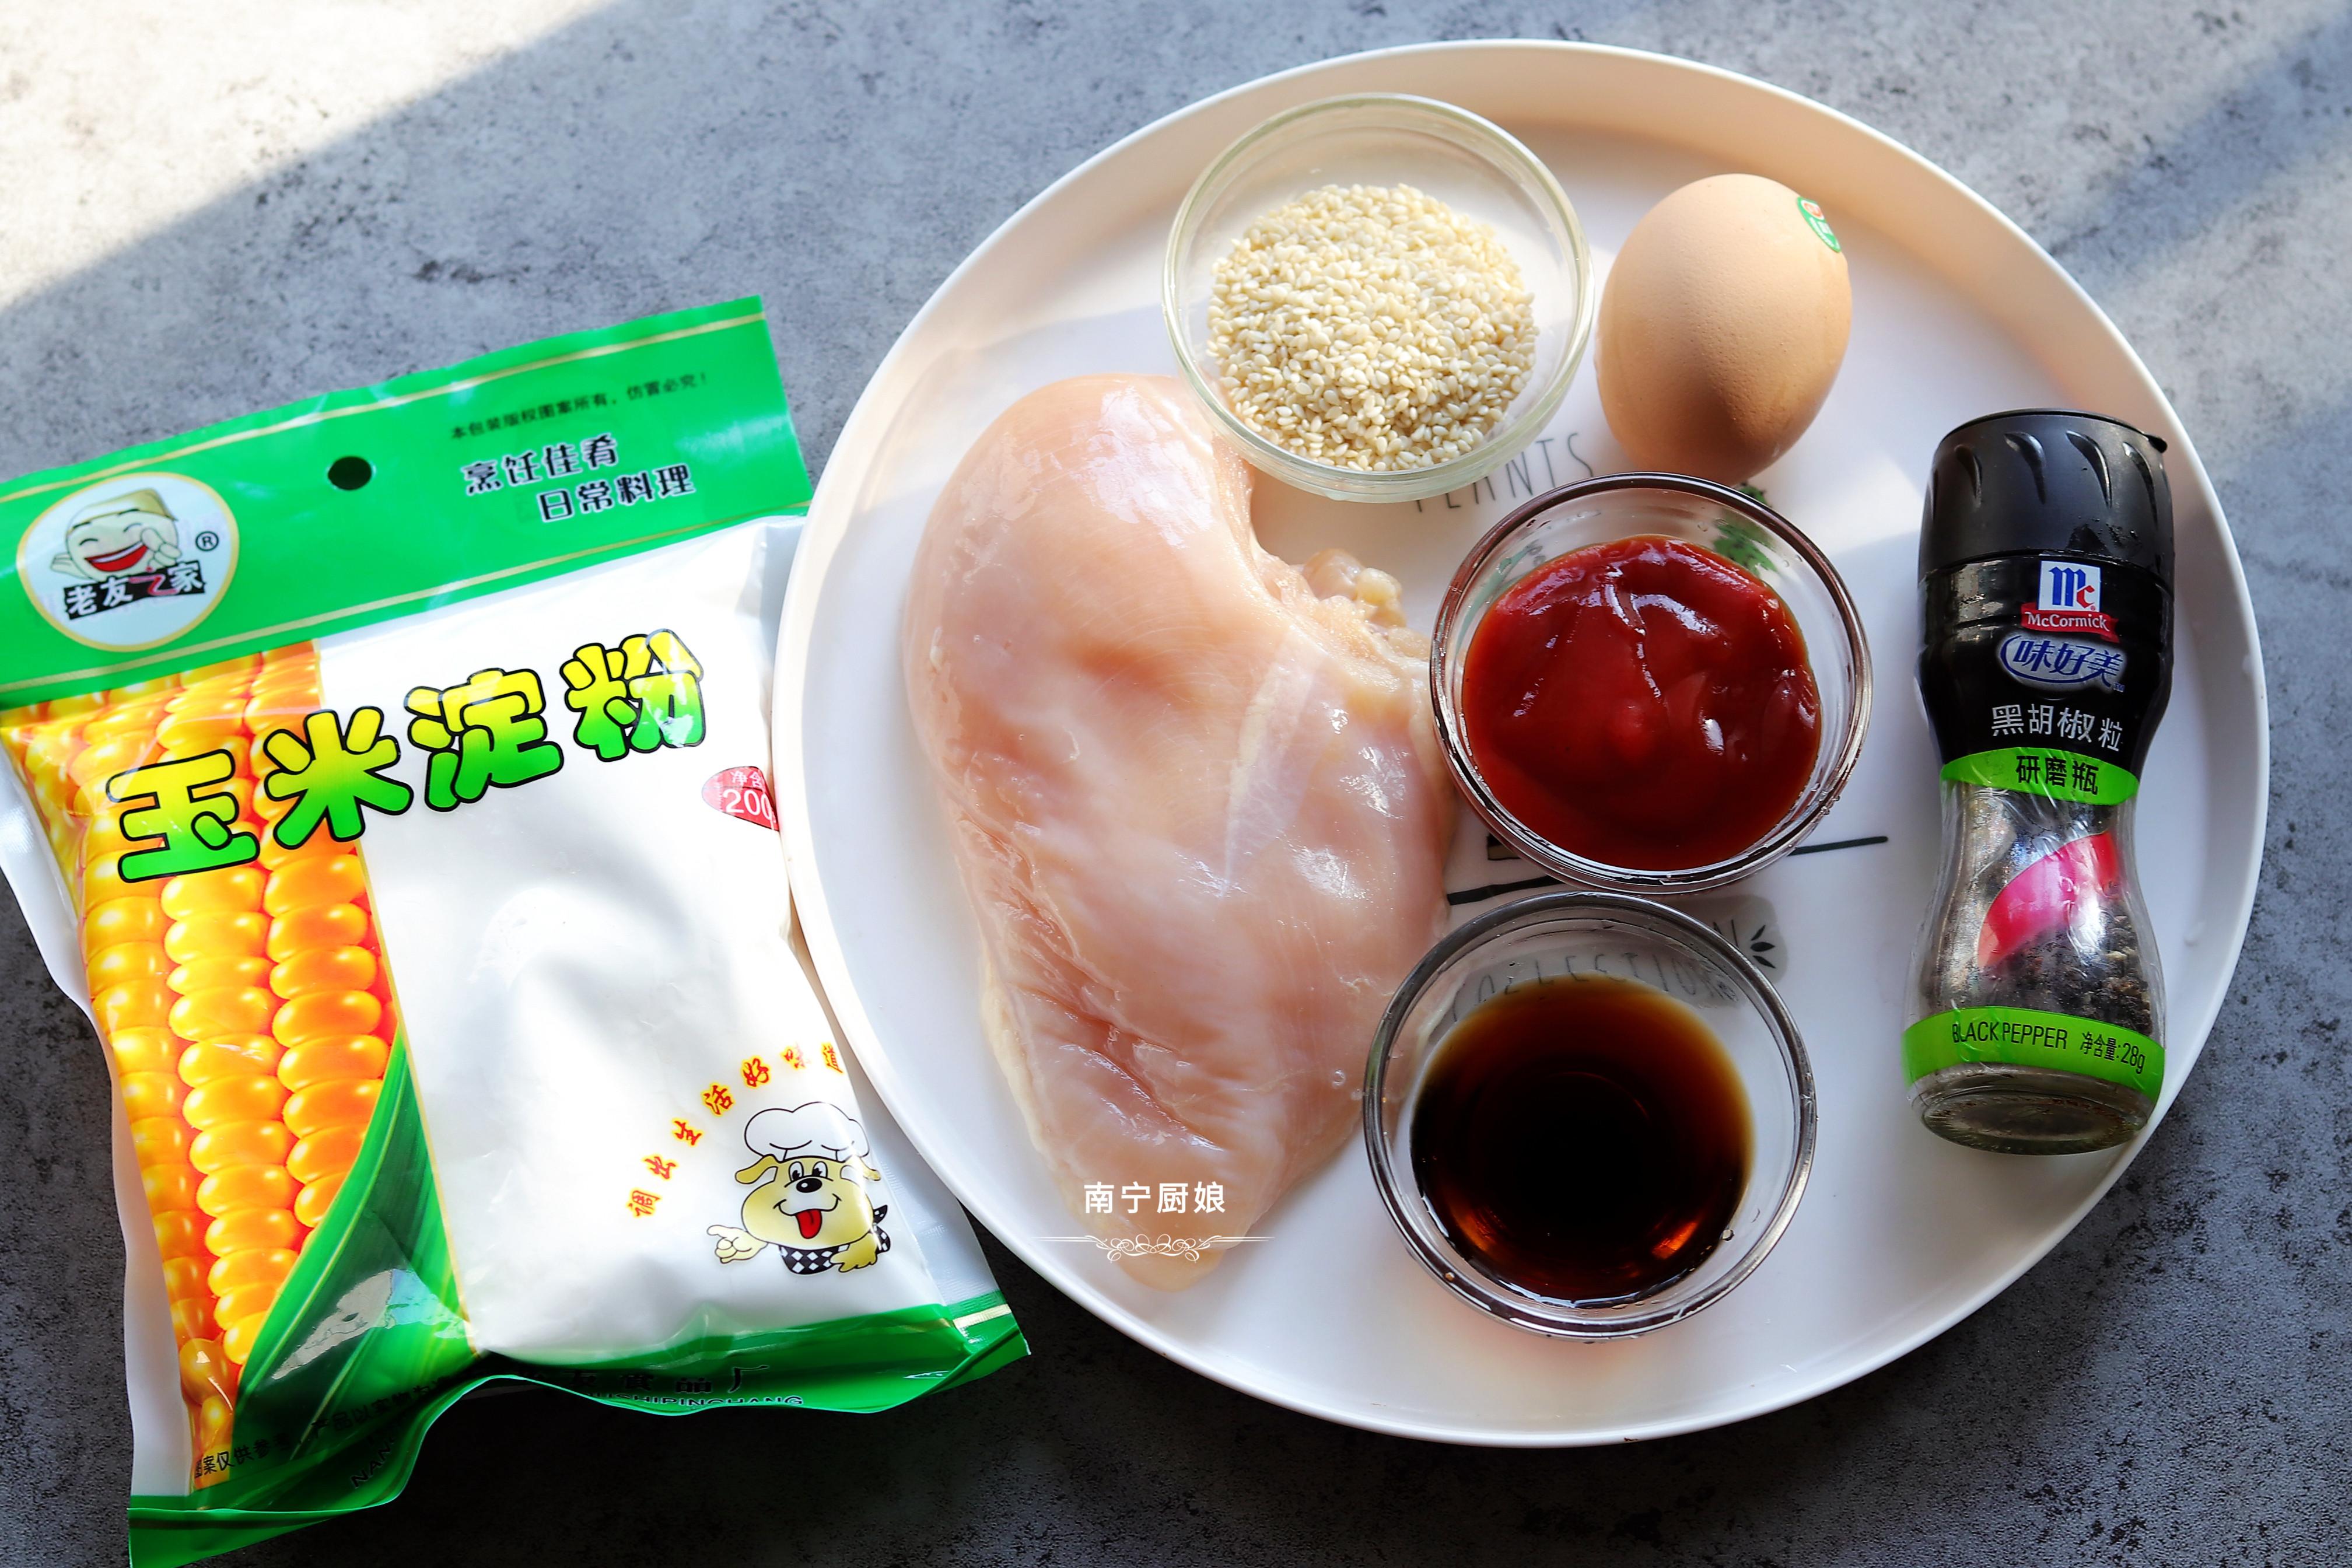 把雞胸肉加入糖醋醬汁,想不到如此美味,不愧是老保姆的拿手菜